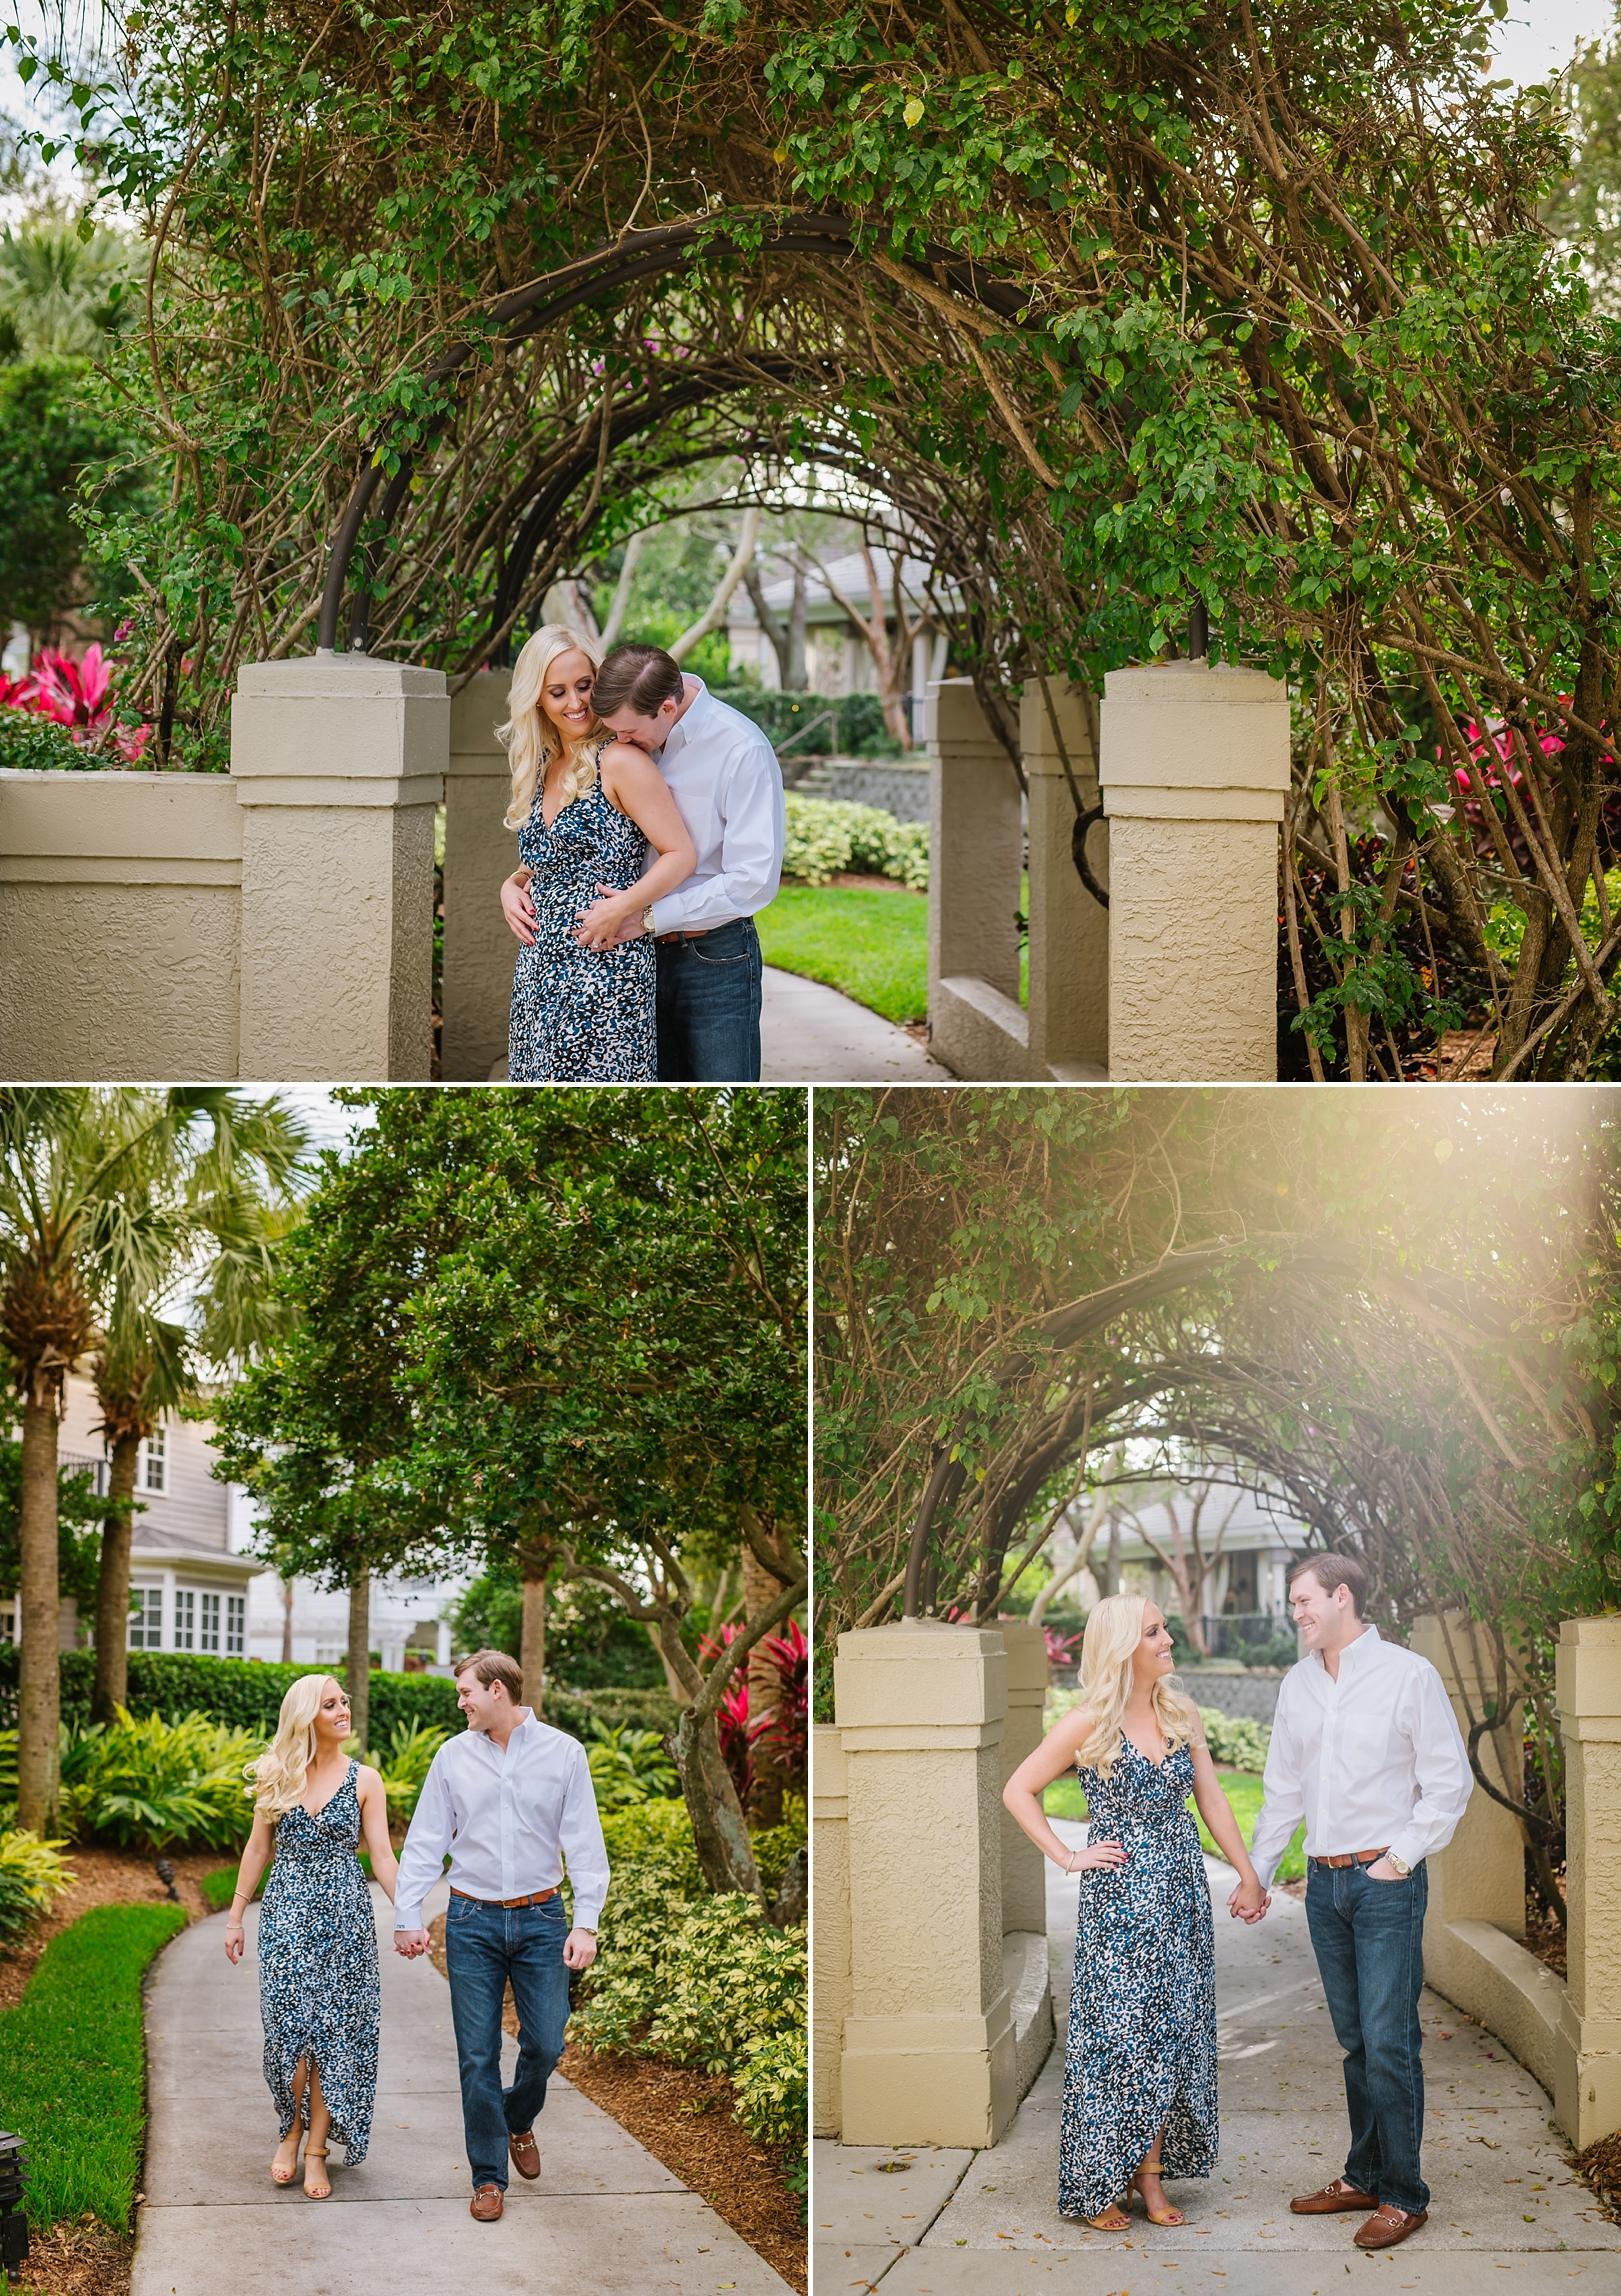 romantic-stylish-elegant-upscale-engagement-photography-ashlee-hamon-tampa_0001.jpg